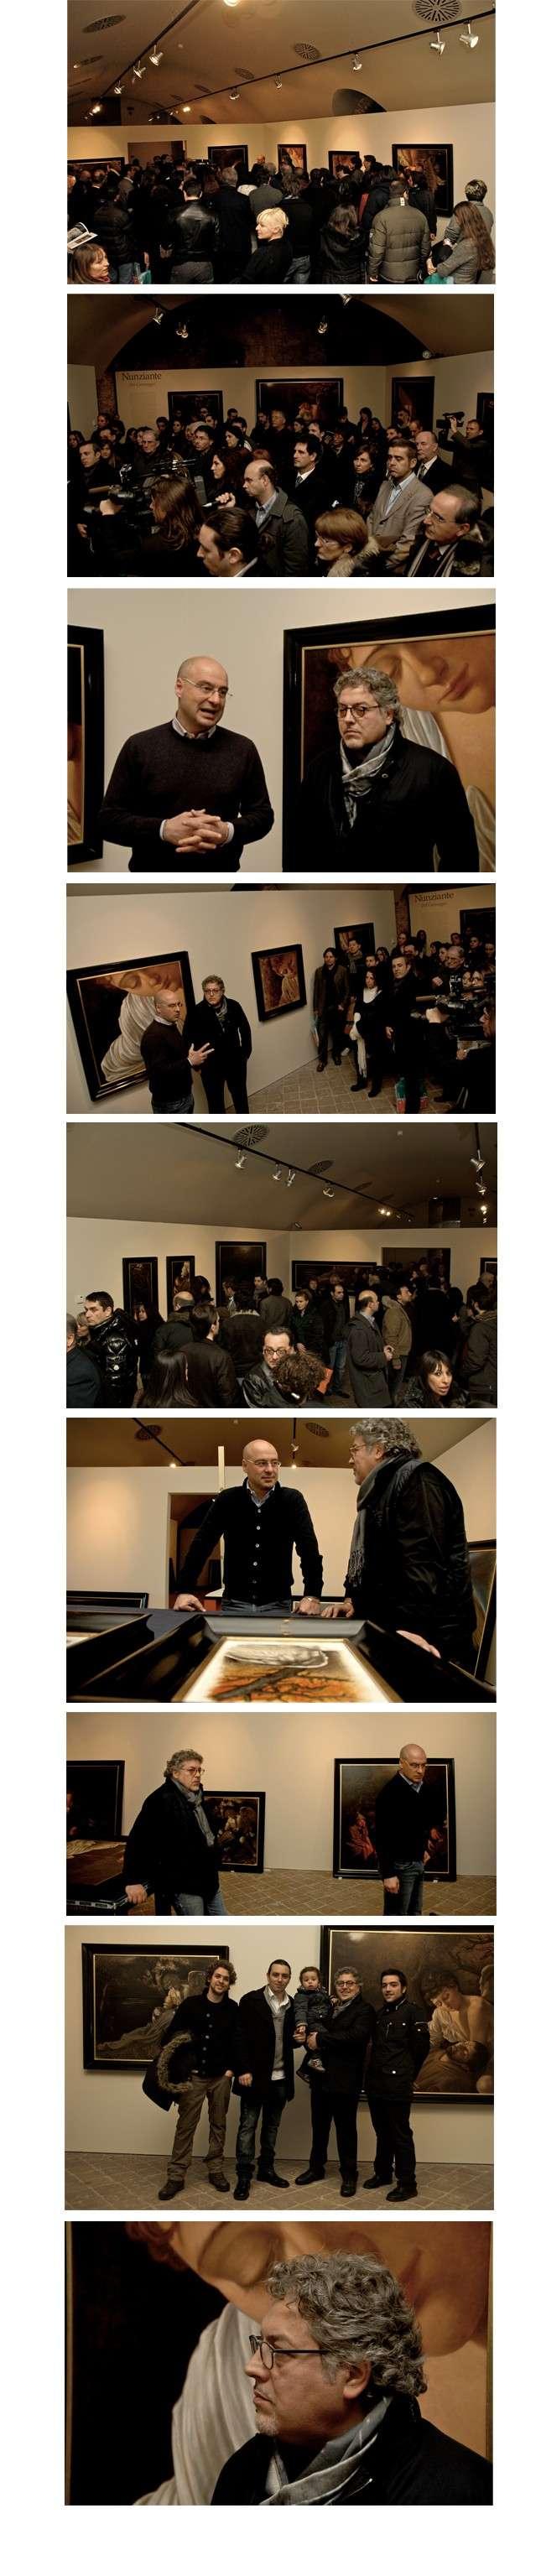 """Resoconti Mostra """"Dal Caravaggio"""" Castel Sismondo - Rimini - Pagina 2 314"""